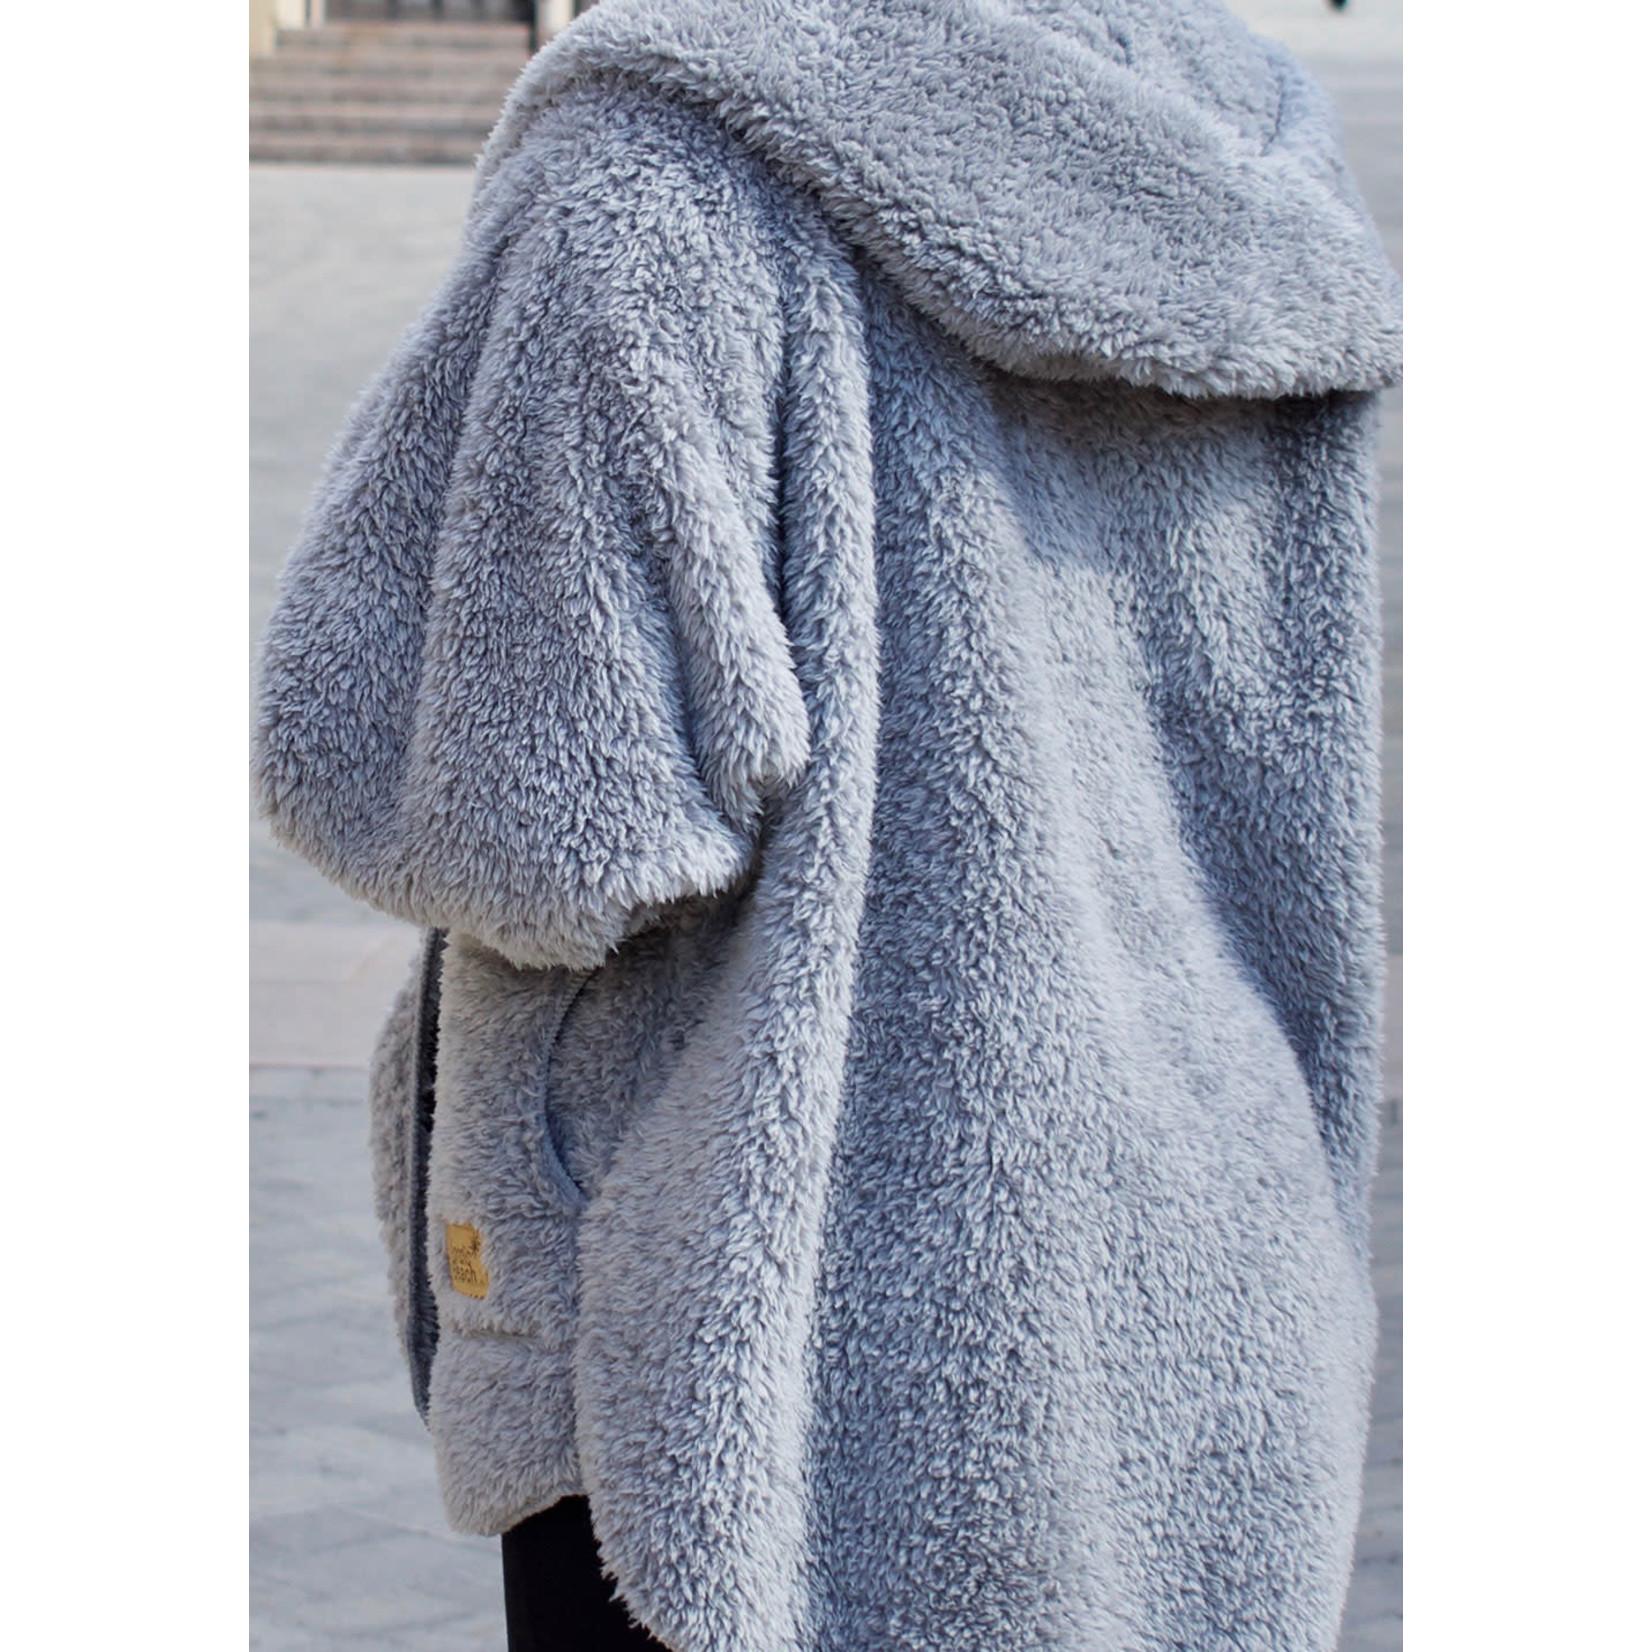 Nordic Beach Fuzzy Fleece Hooded Cardigan in Grey Kitten